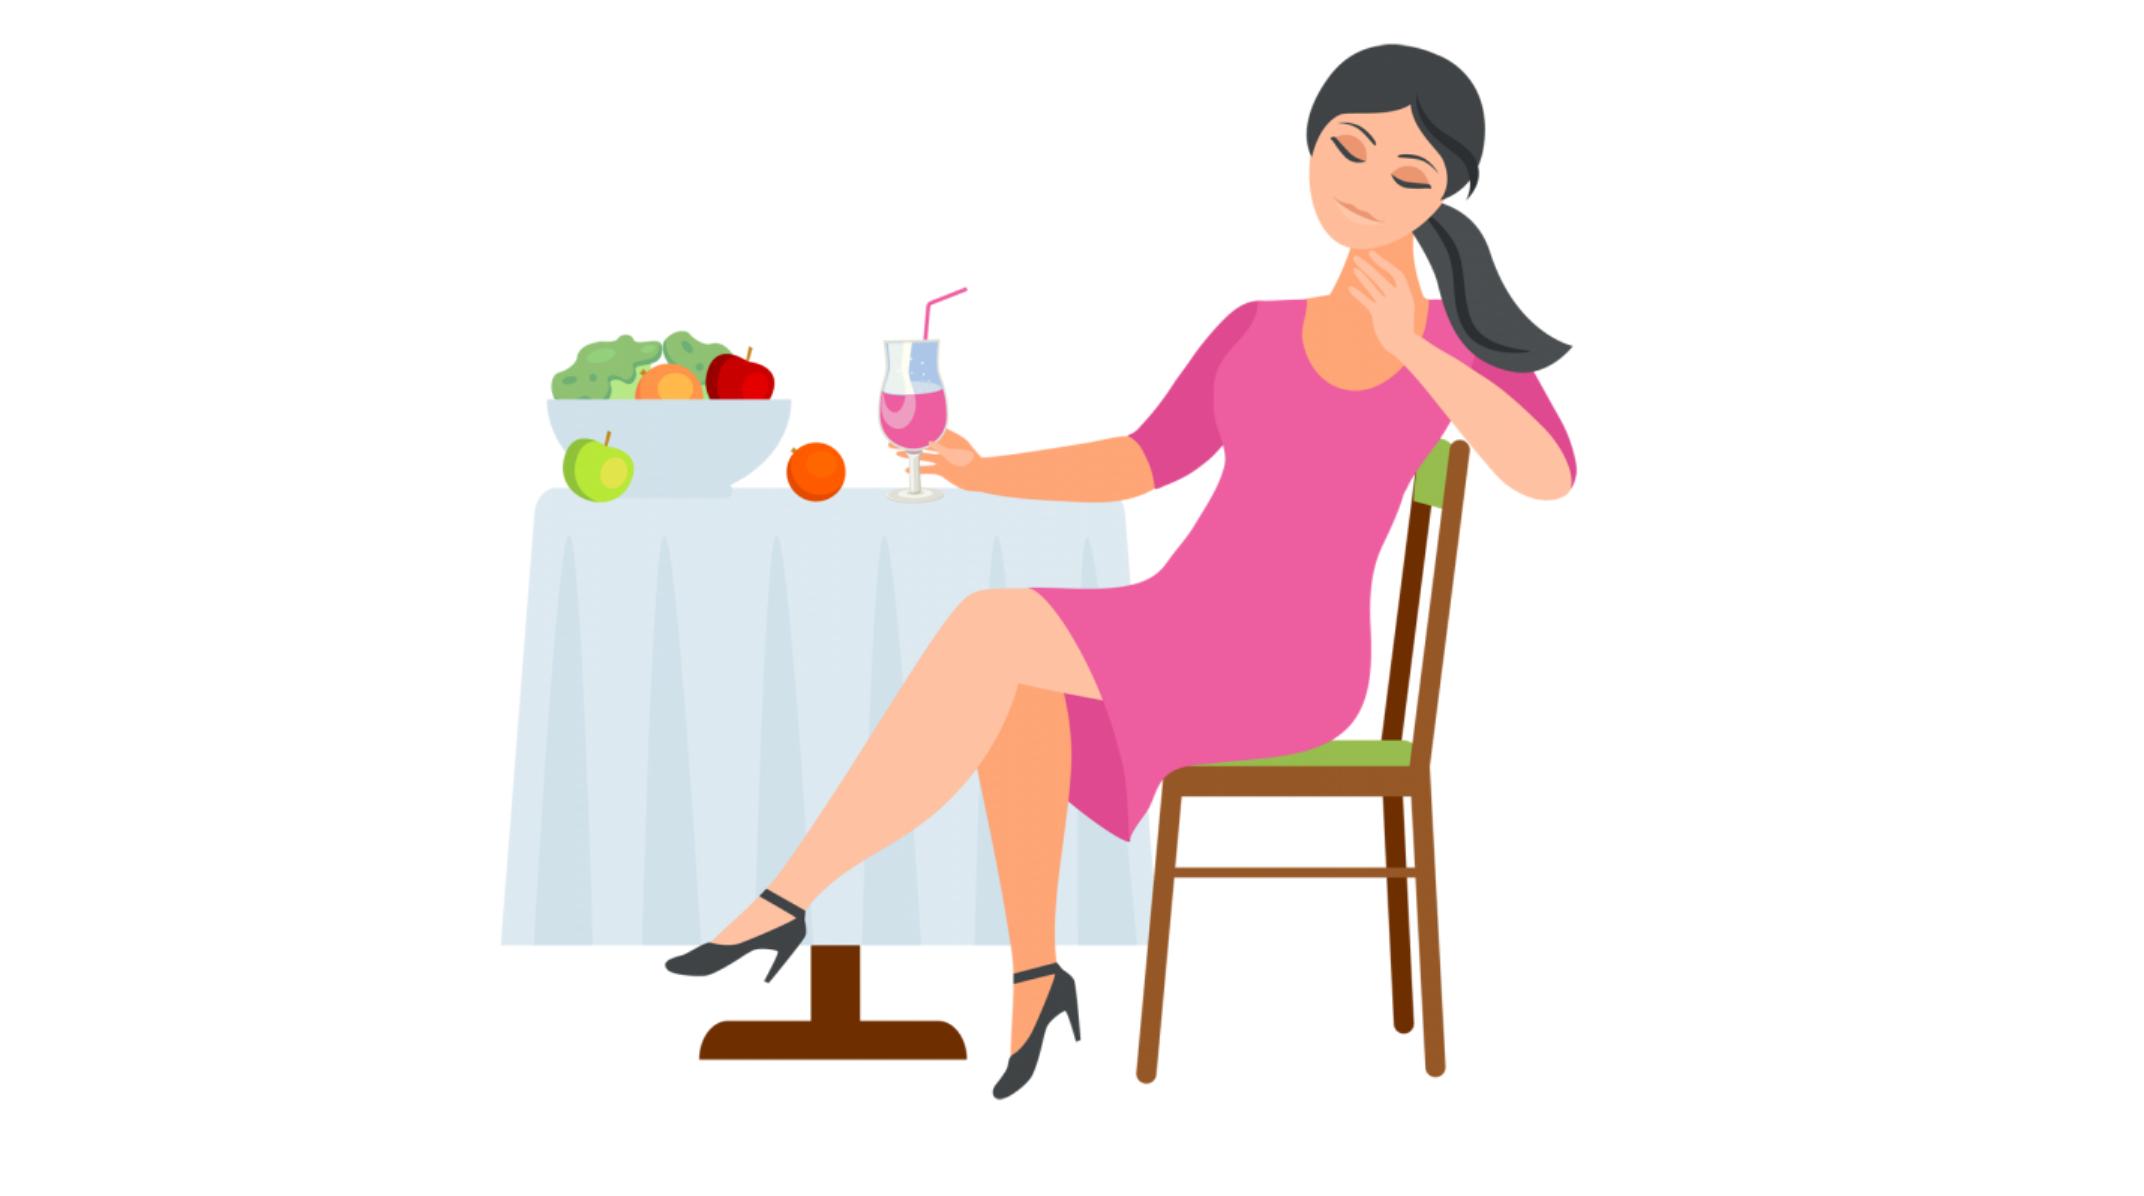 नई माँ के लिए भोजन -महीना 9